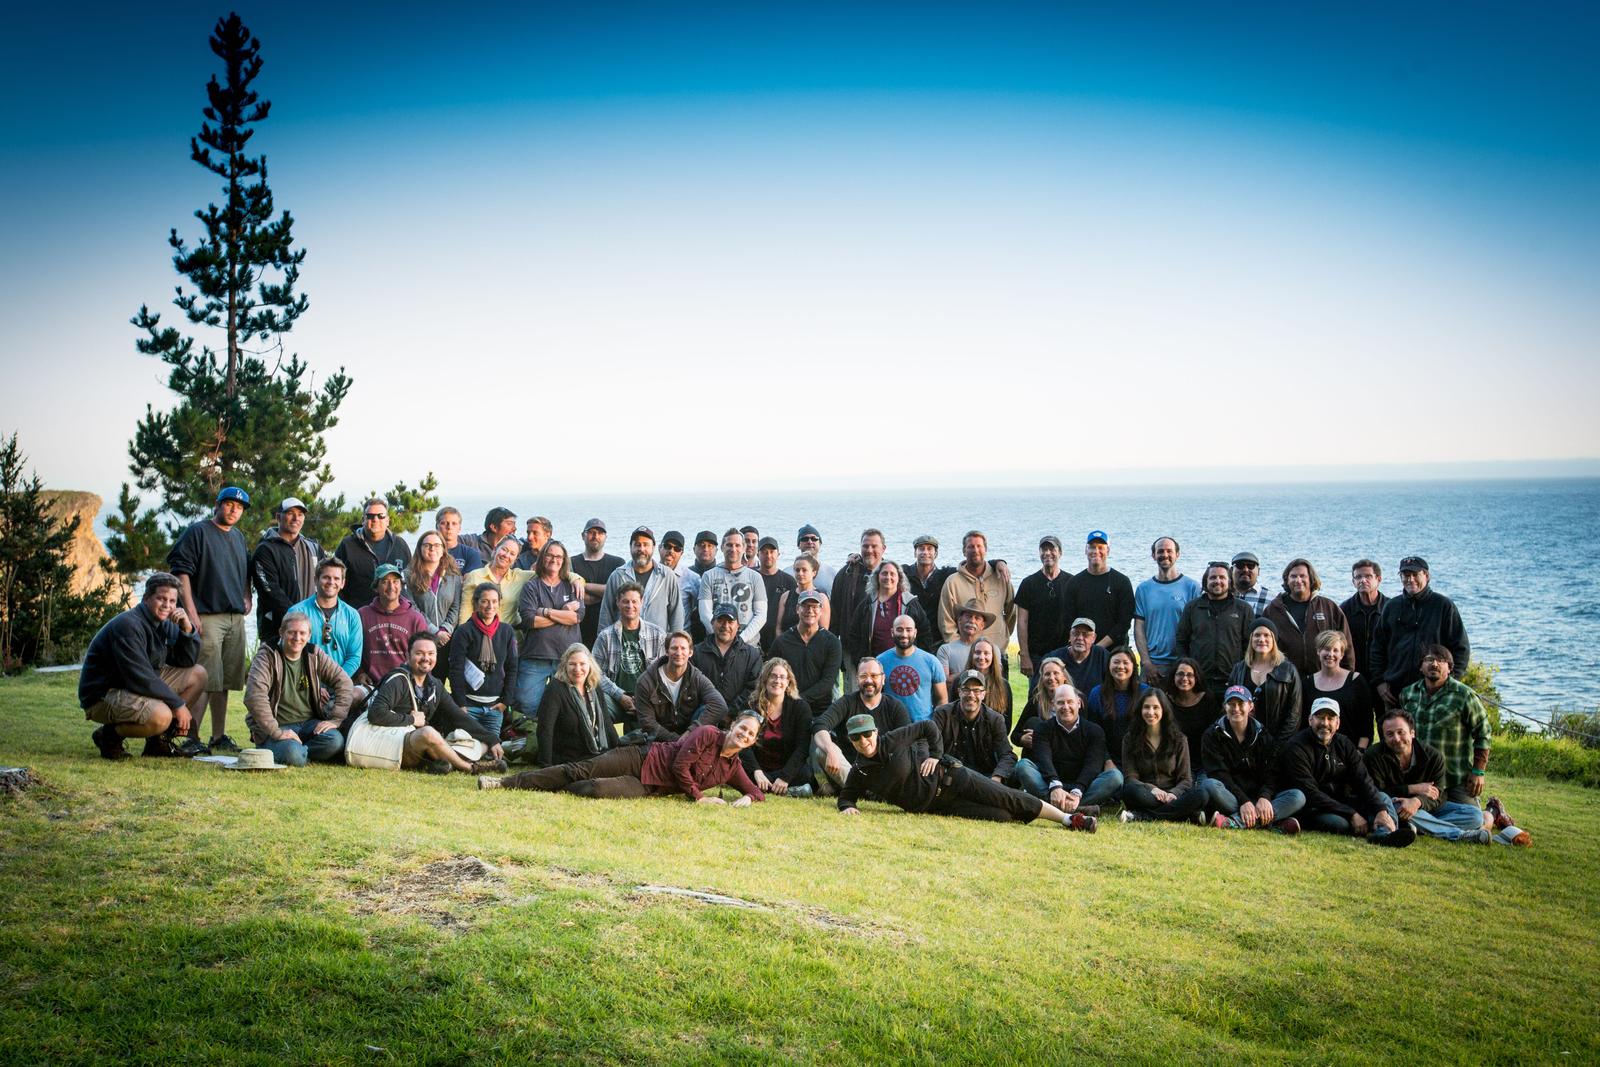 Mad Men Crew Photo in Big Sur